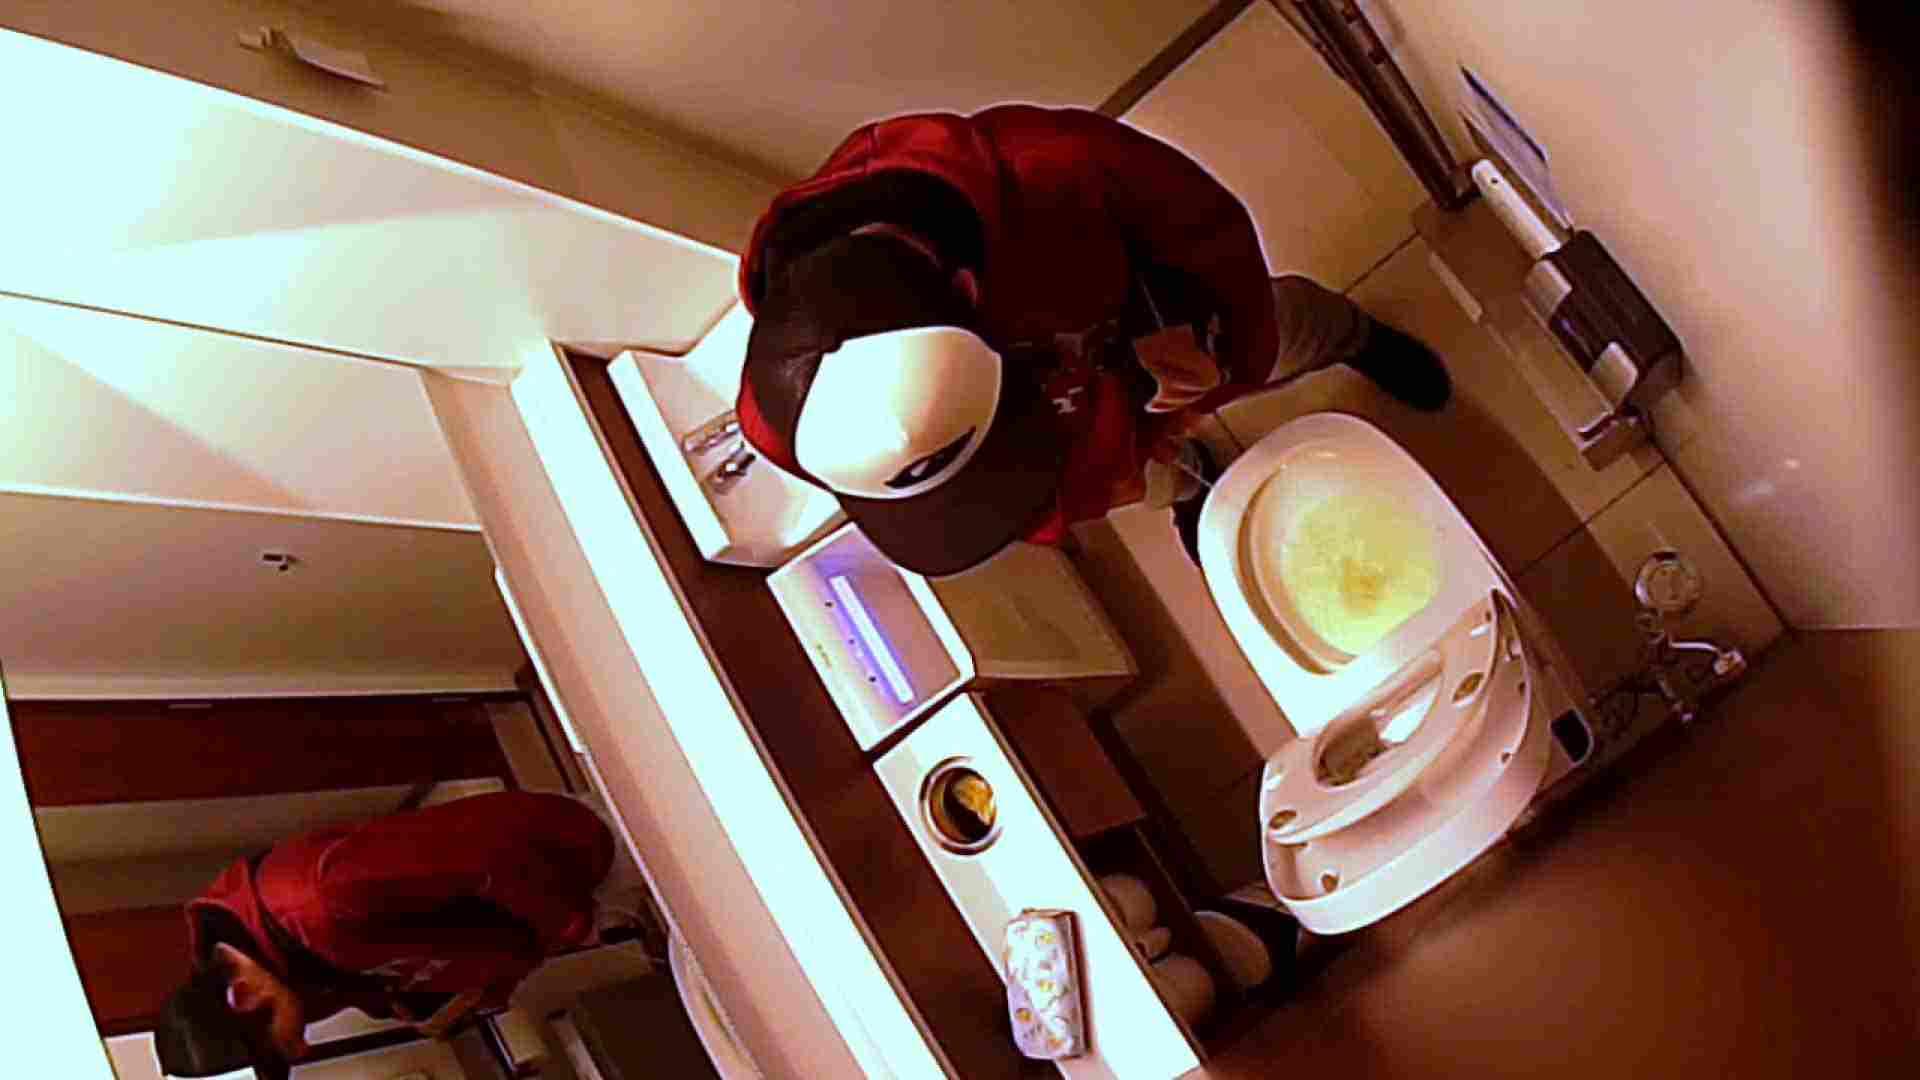 すみませんが覗かせてください Vol.31 トイレの中  11画像 2